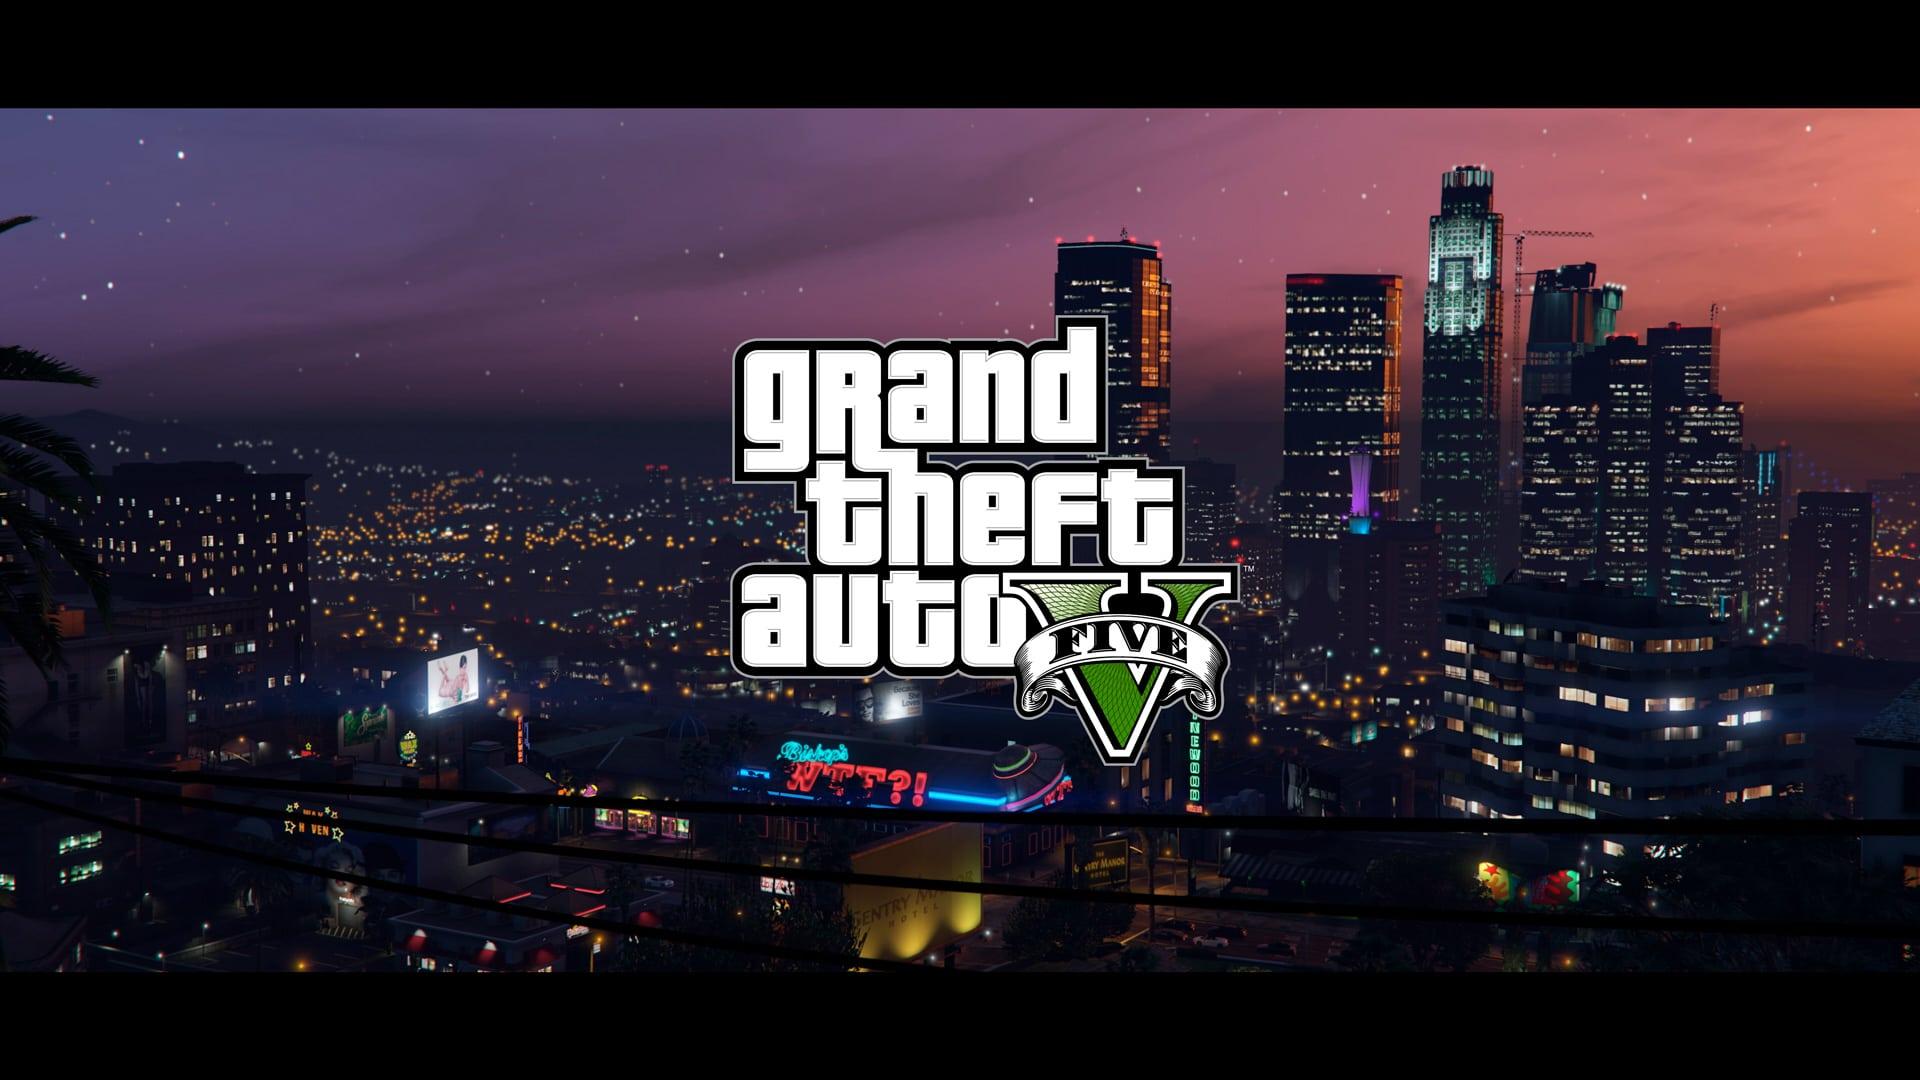 Grand Theft Auto 5 cumple oficialmente 8 años hoy y GTA 6 aún no se ha anunciado, GamersRD